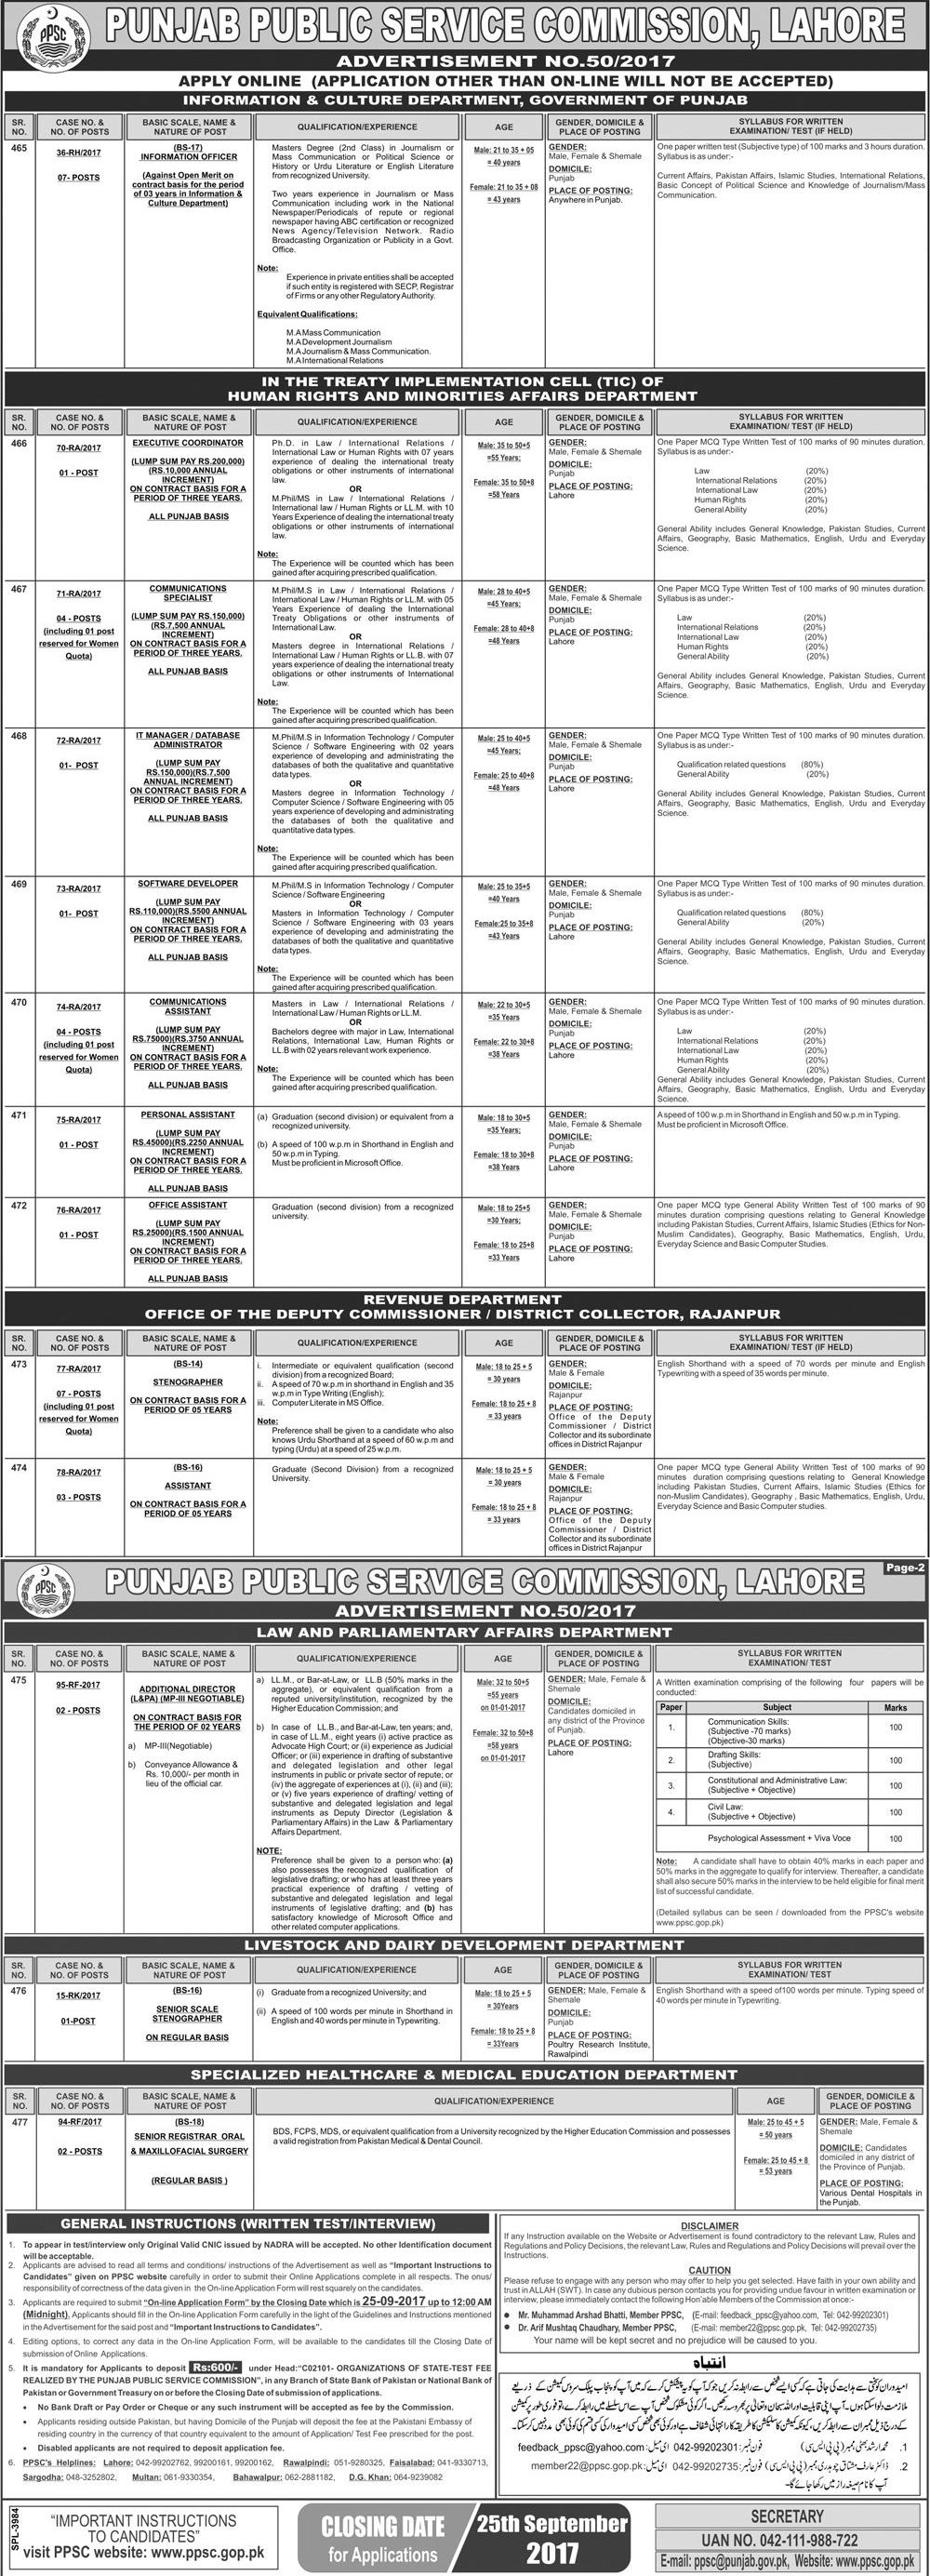 Punjab Public Service Commission PPSC jobs 2017 GOVT Departments September Advertisement